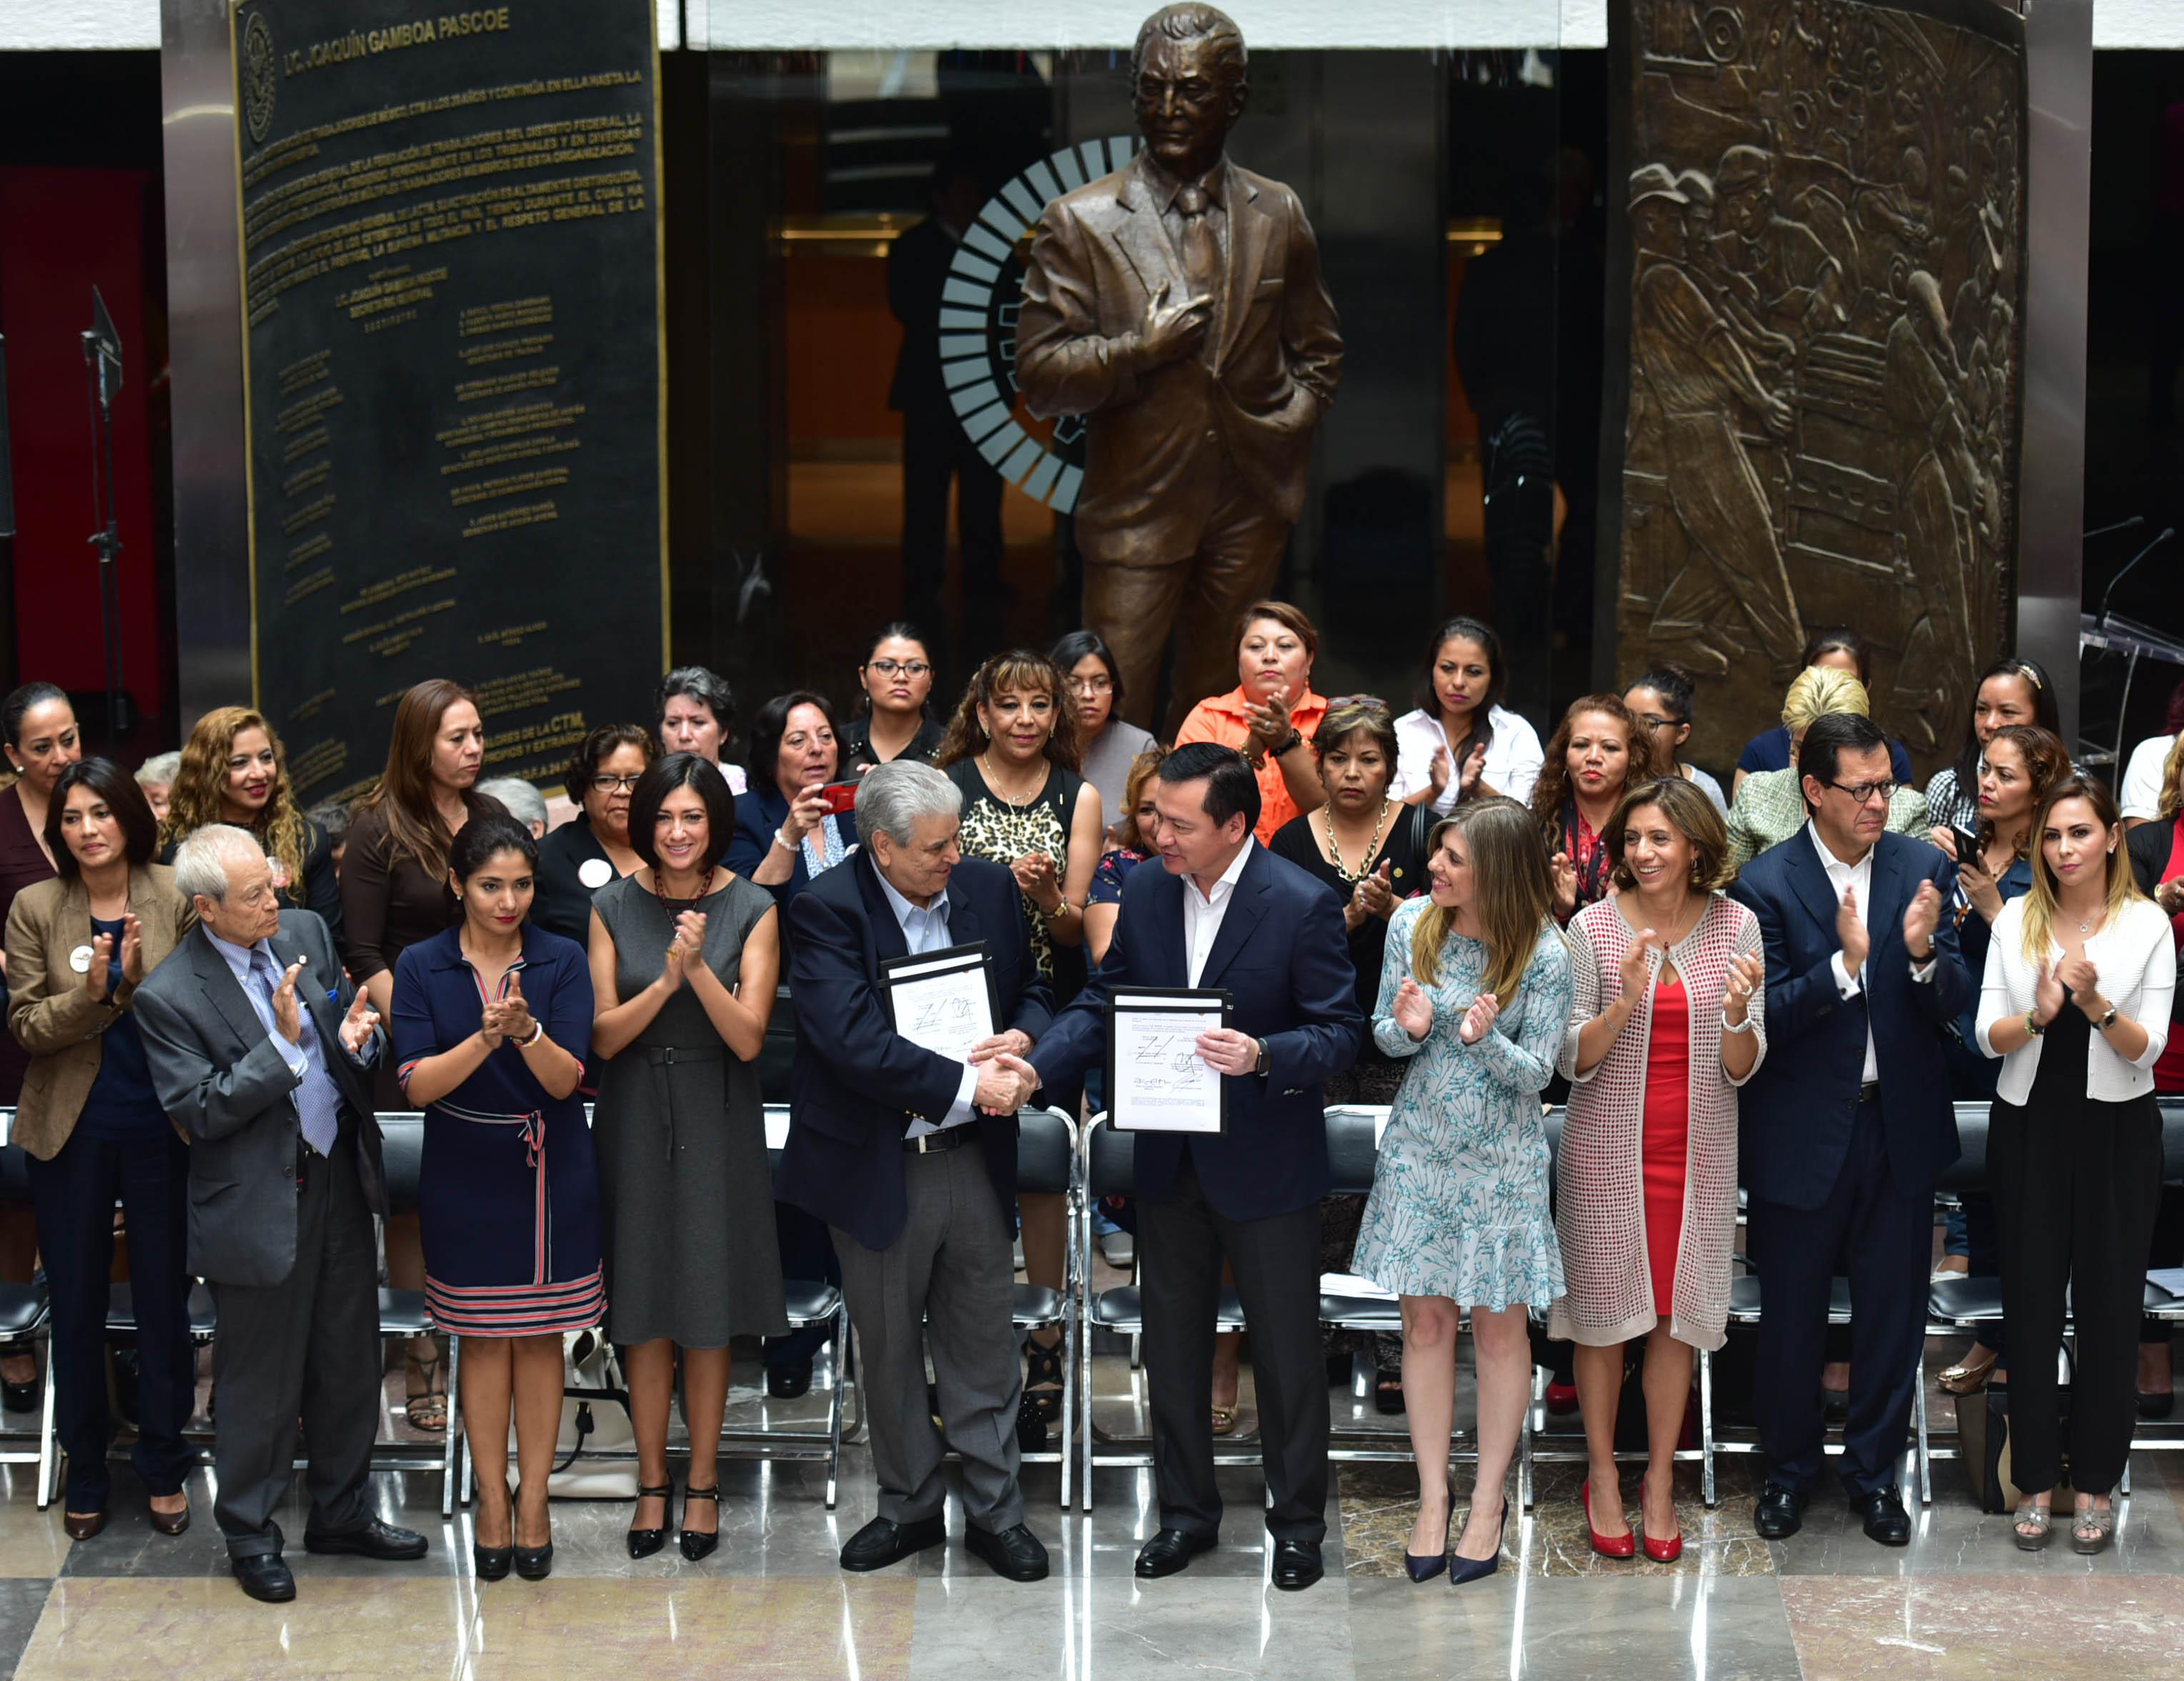 El Secretario de Gobernación, Miguel Ángel Osorio, durante la firma de convenio con la CTM en Materia de Acciones para Prevenir y Erradicar la Violencia contra las Mujeres